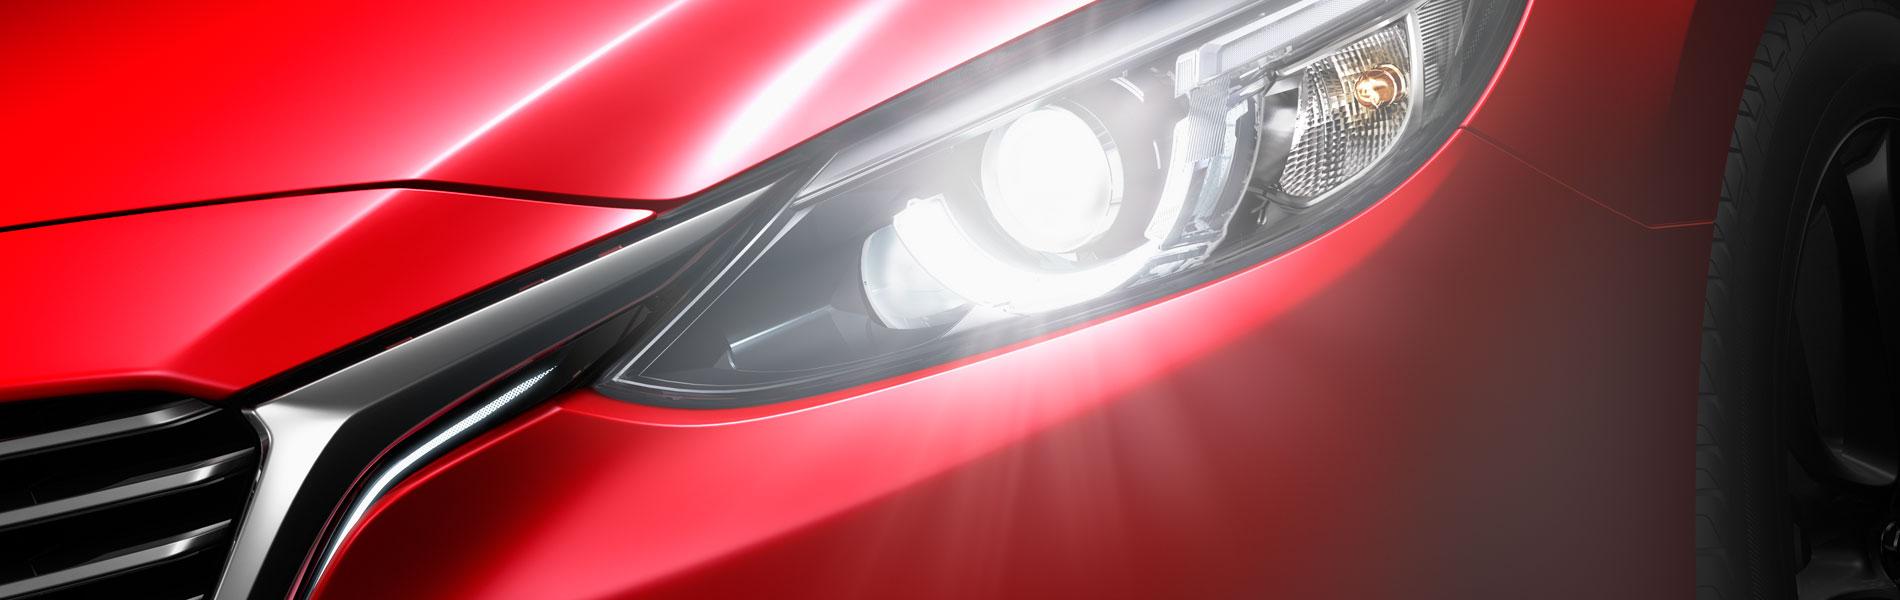 Mazda Mazda6 Image 3